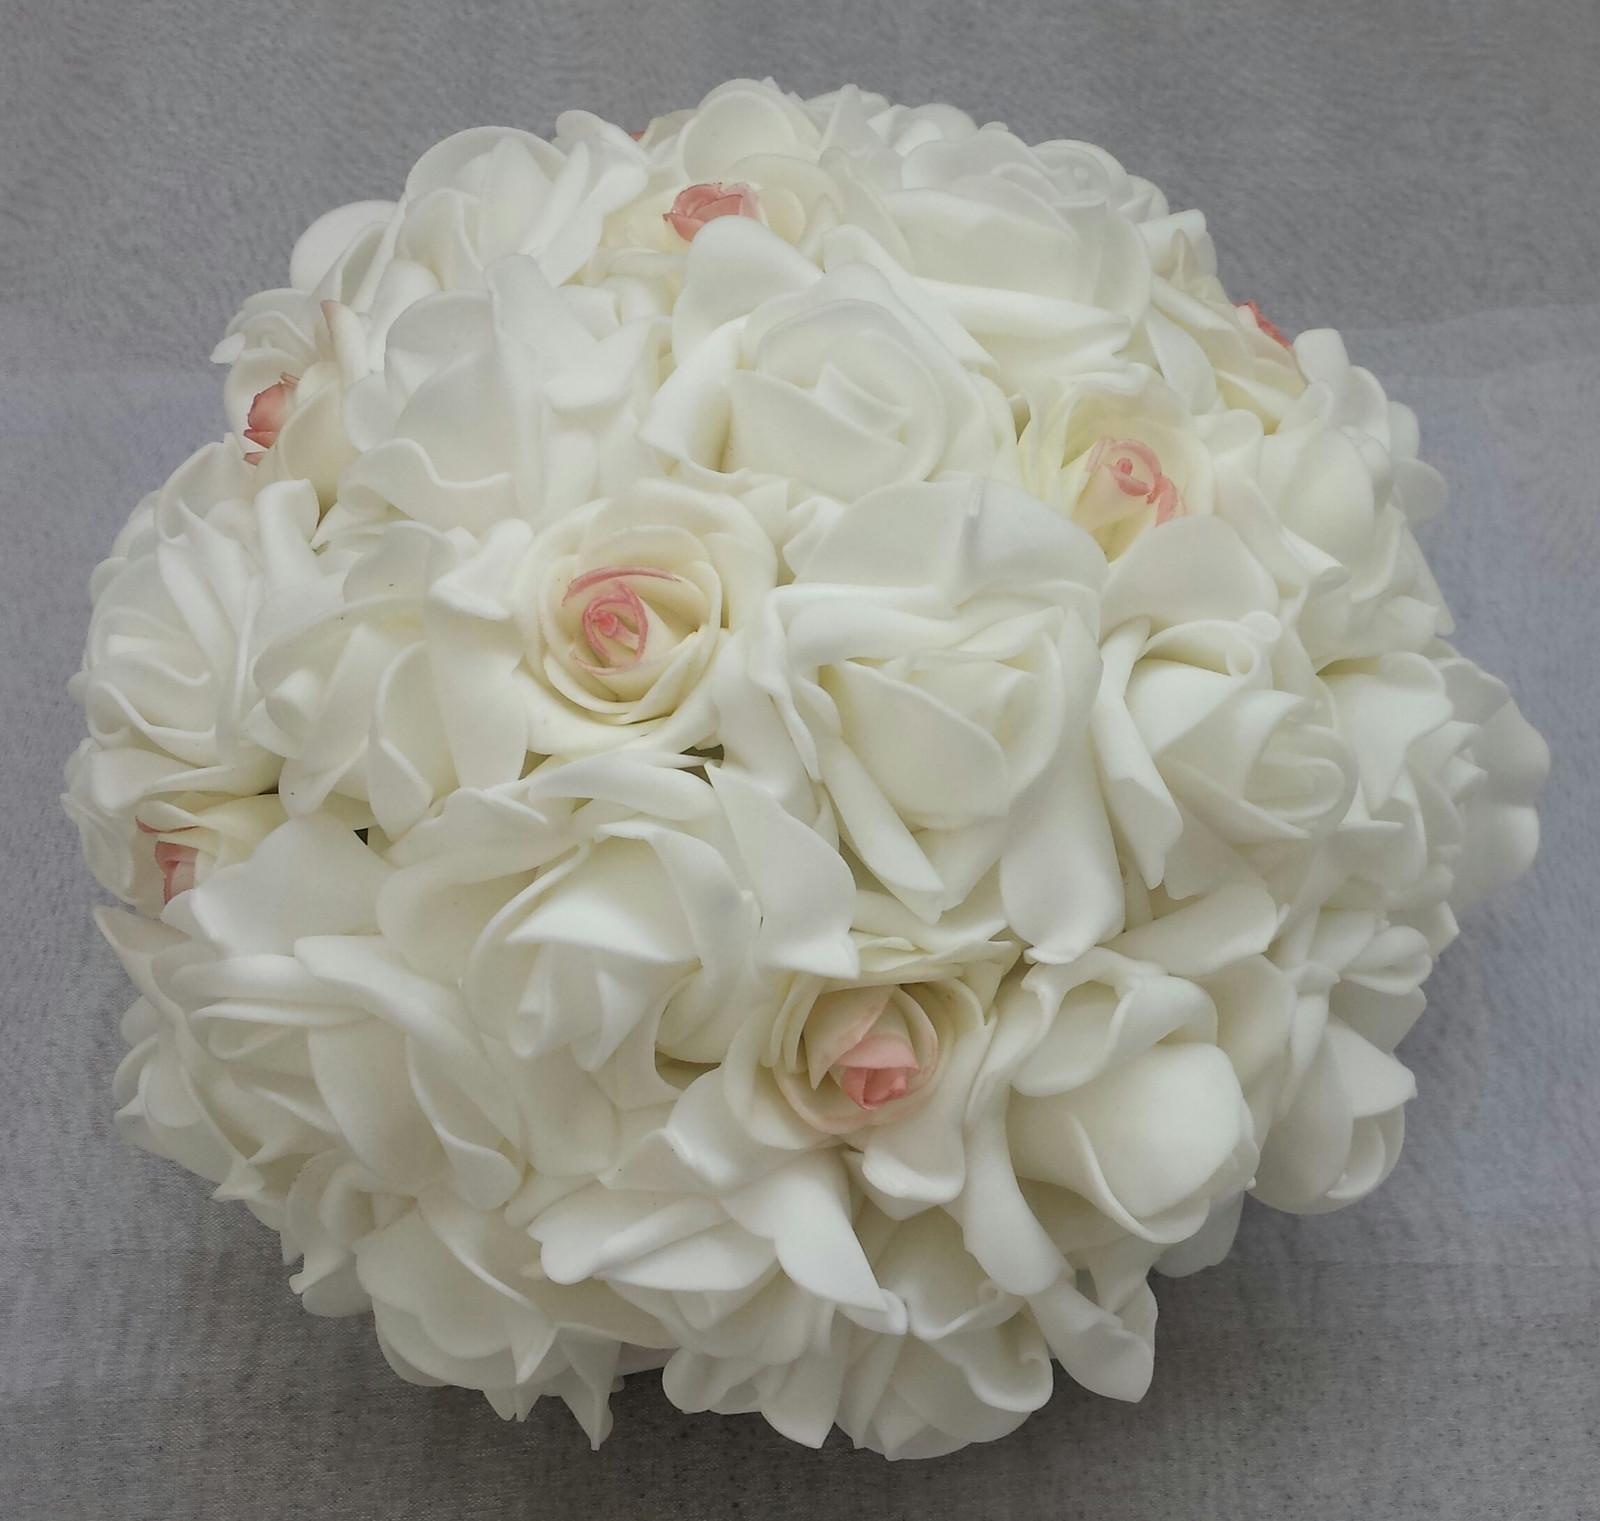 Buket na svatební auto nádech růžové - Obrázek č. 1